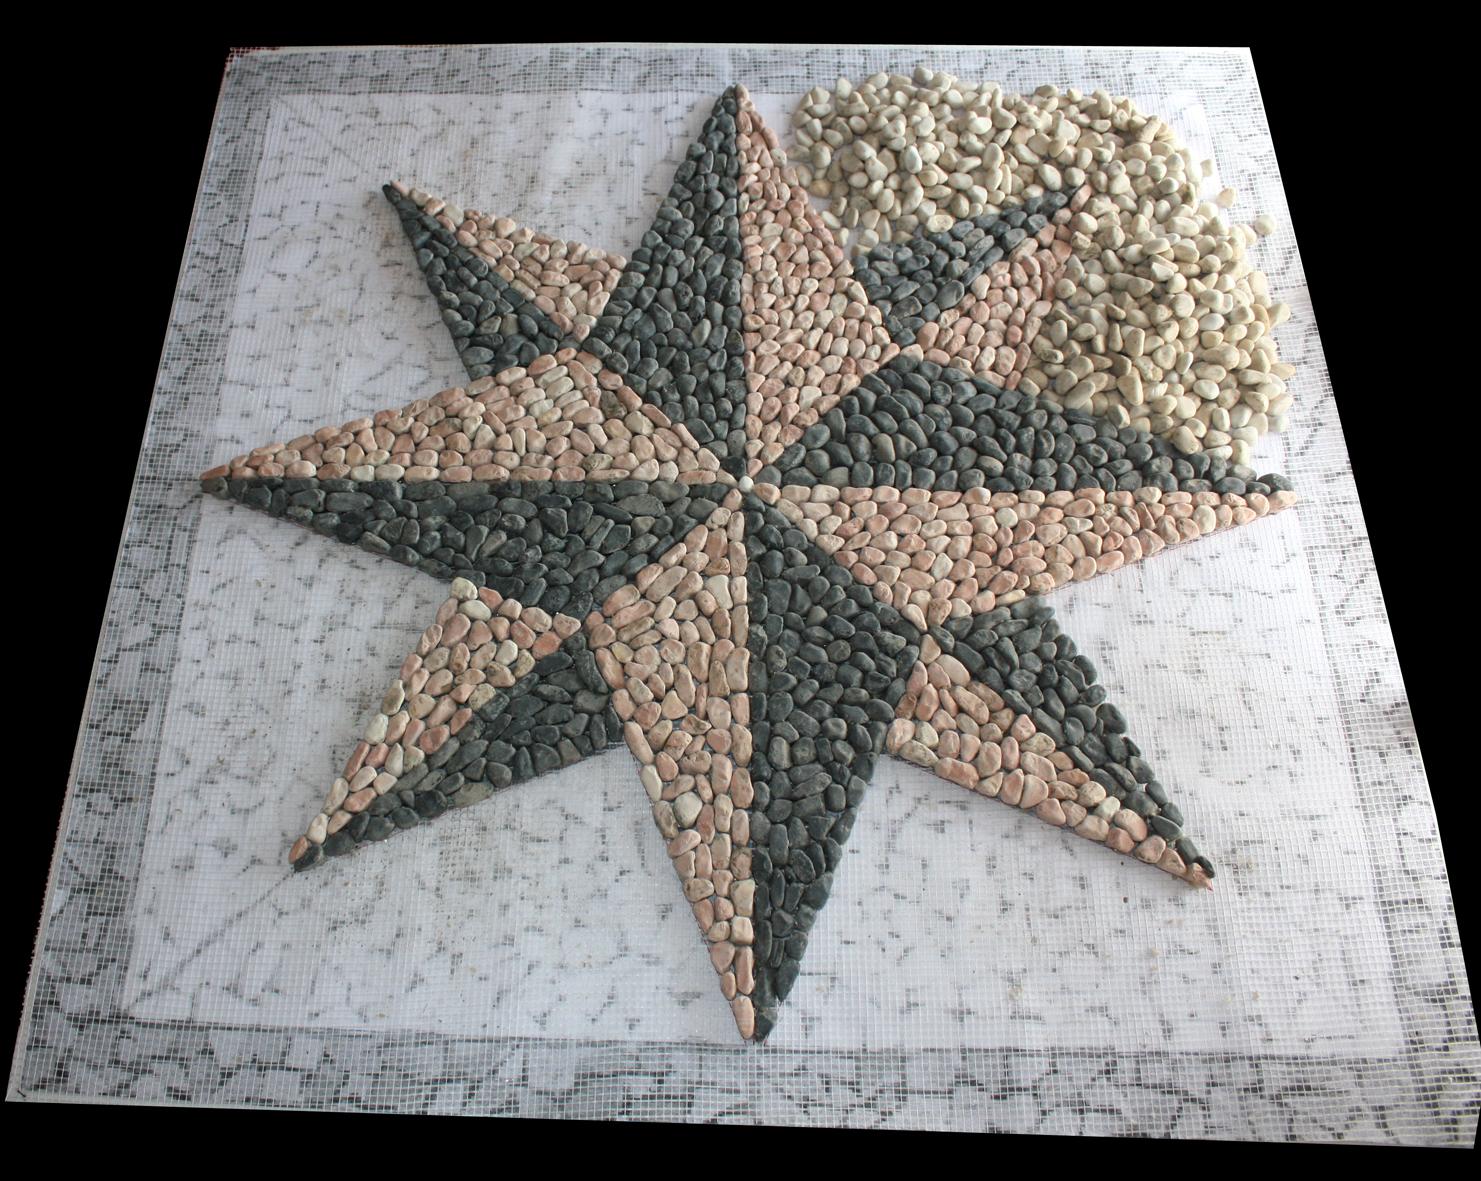 Piastrelle mosaico con rete piastrelle di marmo mosaico bianco